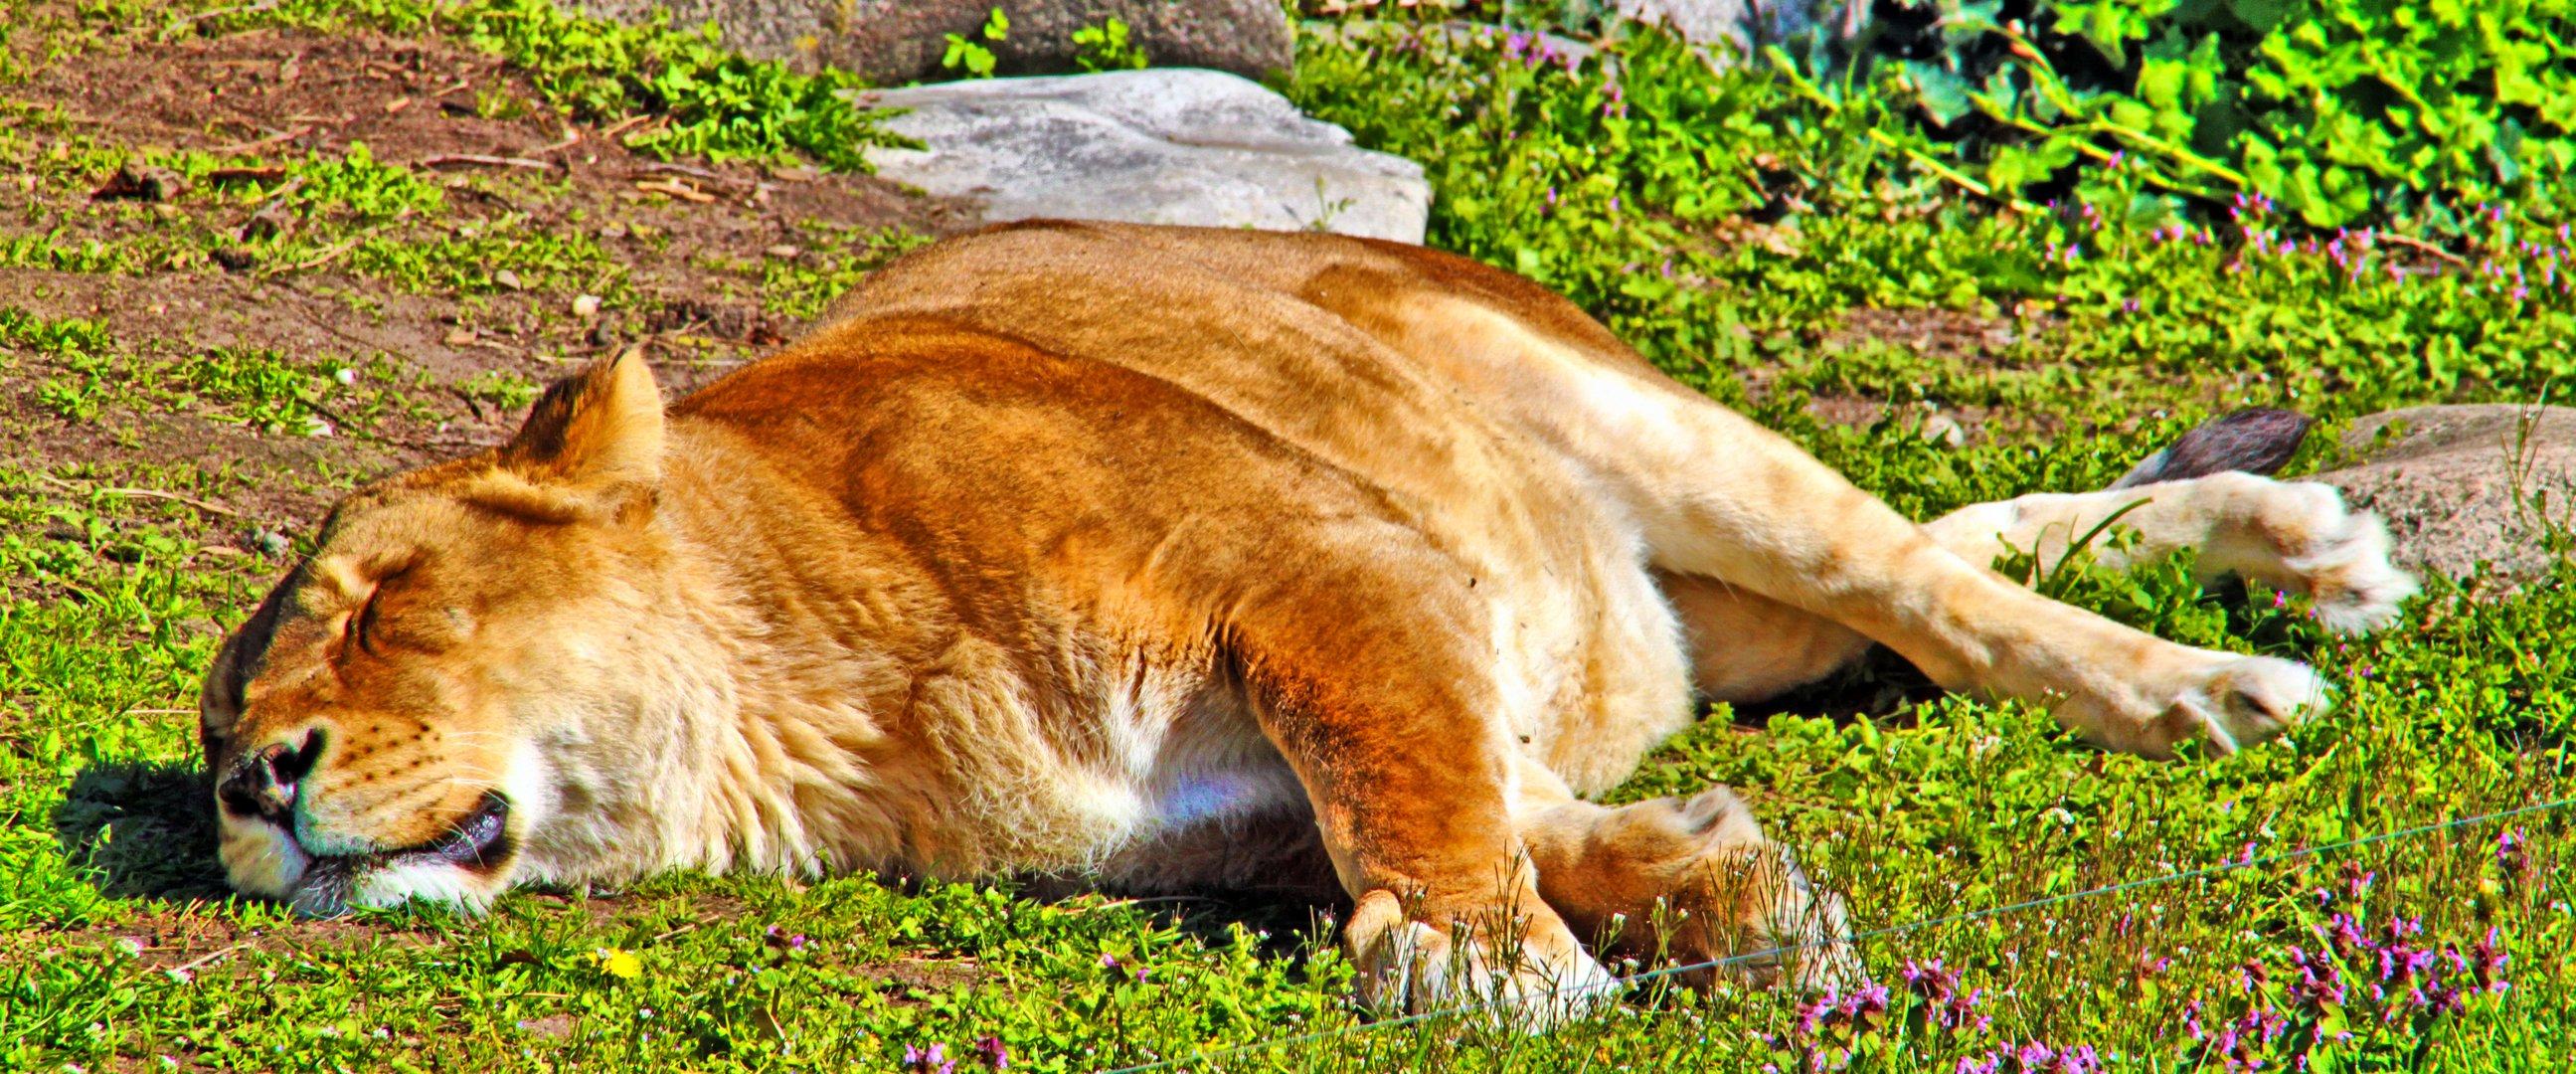 Der Löwe im Sommer